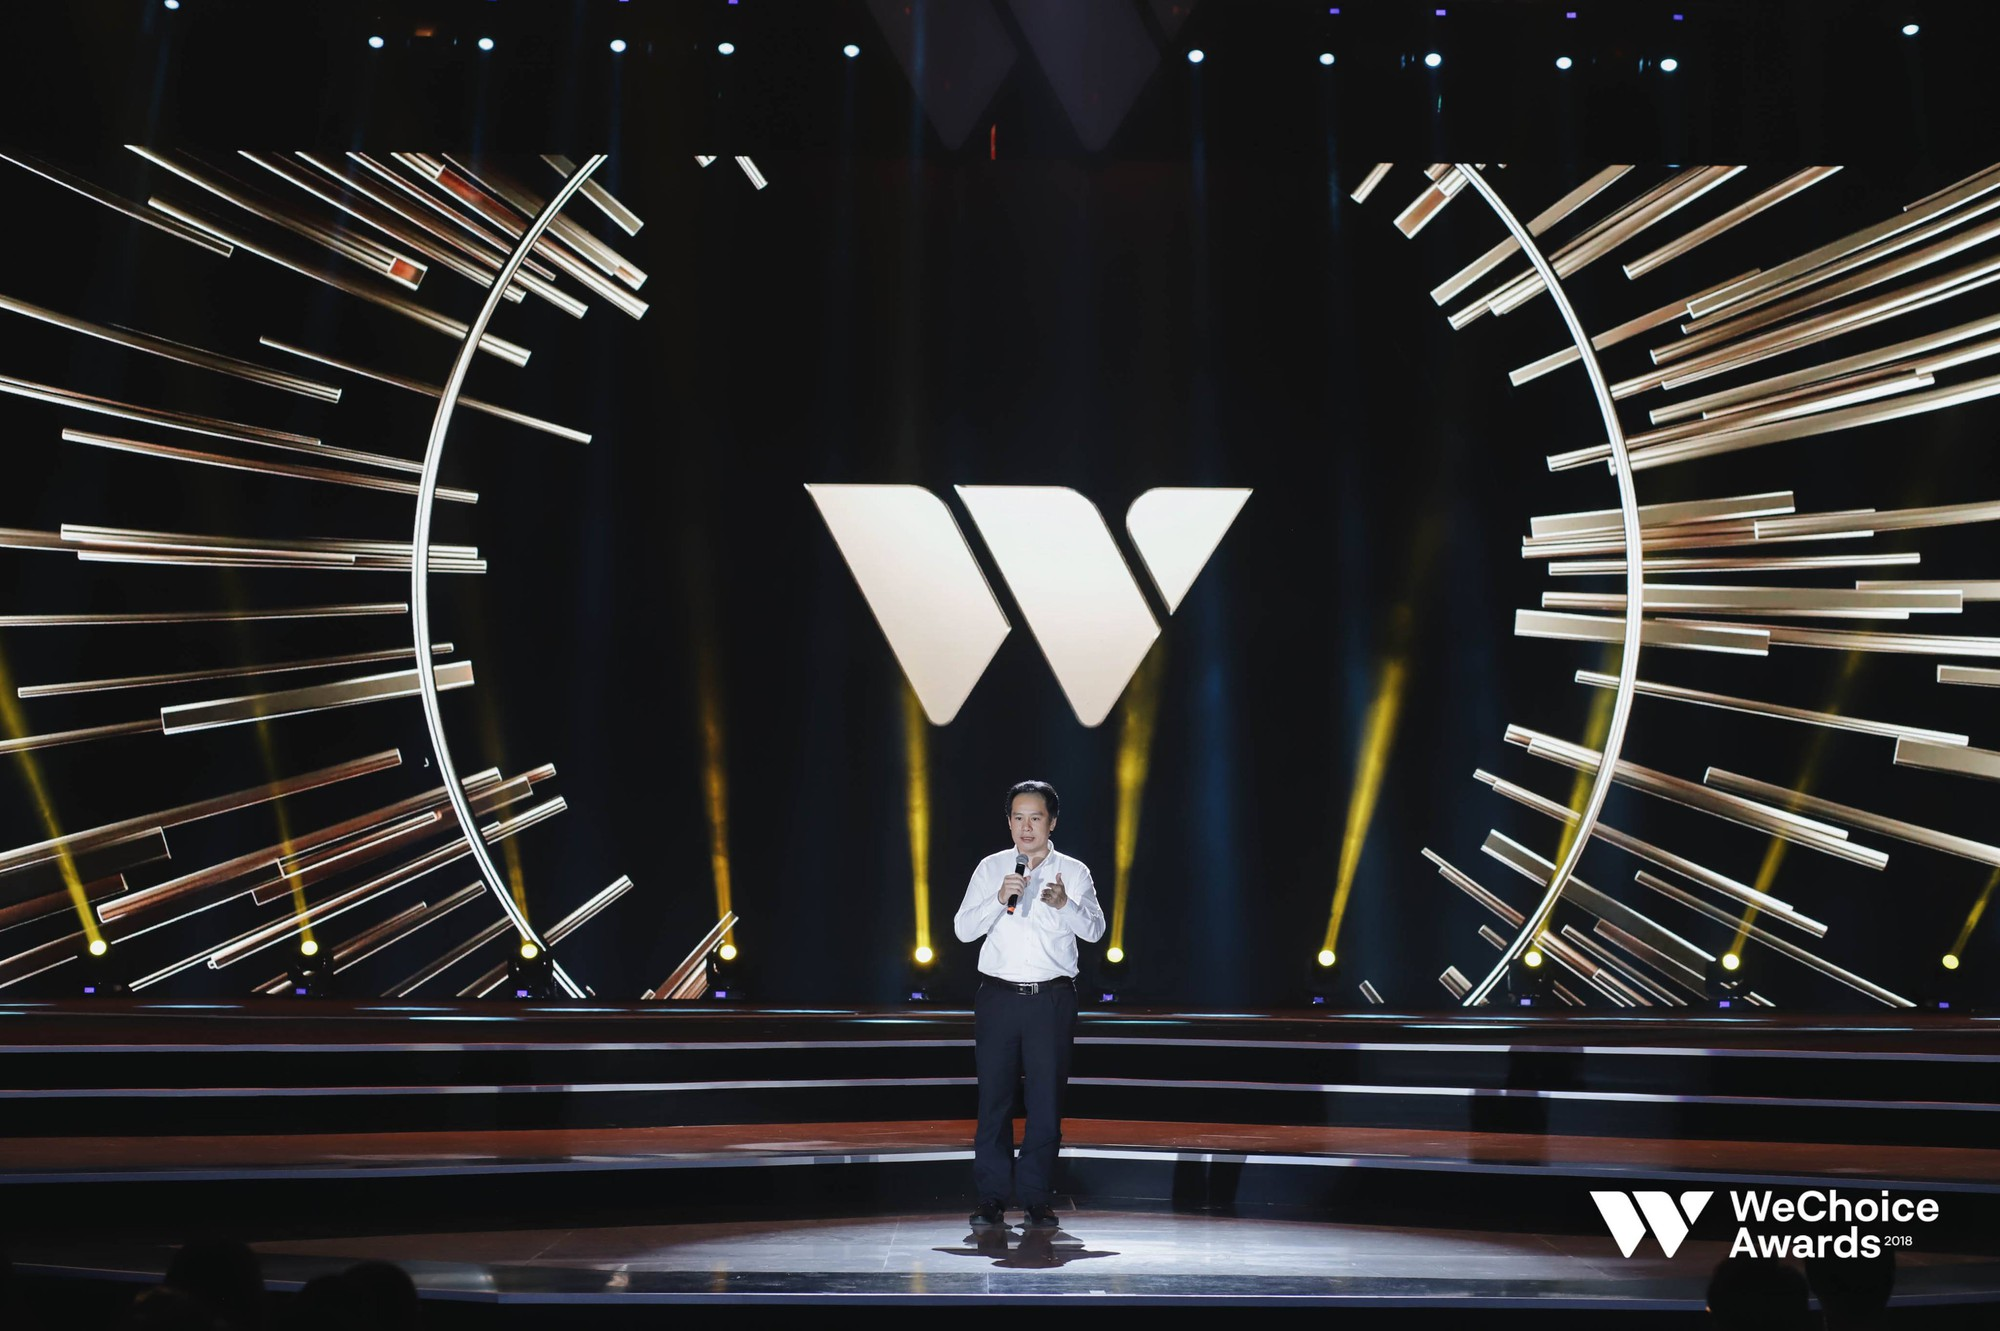 Phép màu xuất hiện sau đêm Gala WeChoice Awards 2018: Những cuộc gọi đăng ký hiến tạng, những nhà hảo tâm hẹn nhau xây trường! - Ảnh 7.